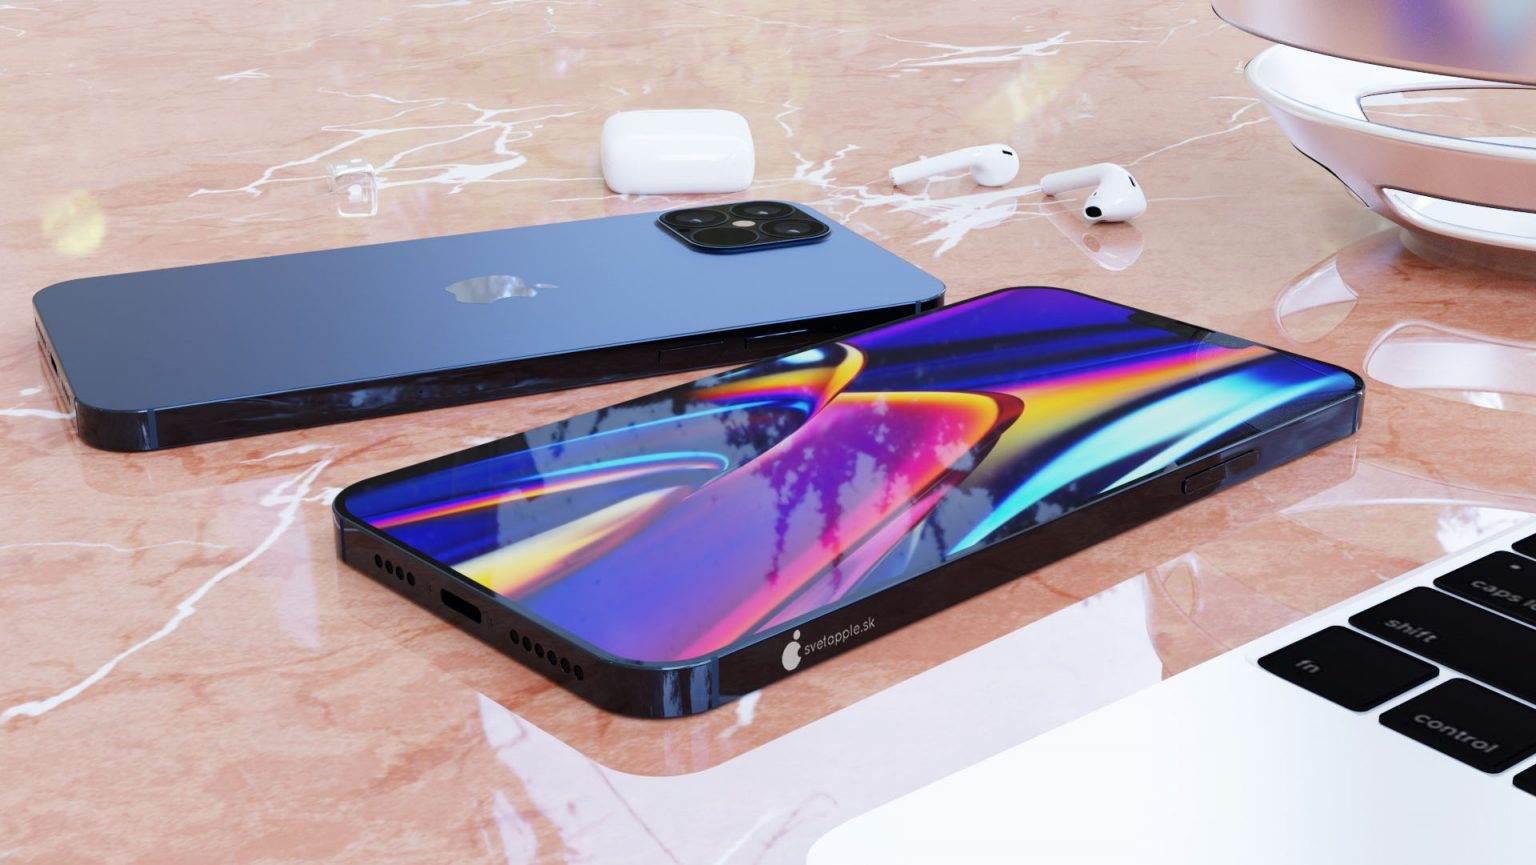 Granatowy kolor i design w stylu iPada Pro - zobacz nowe rendery iPhone 12 Pro polecane, ciekawostki wygląd iPhone 12 Pro, rendery, iPhone 12 Pro  Svetapple opublikował nowe rendery iPhone 12 Pro, które powstały na podstawie najnowszych przecieków. Urządzenie wygląda genialnie. Musicie koniecznie to zobaczyć. iPhone12Pro 5